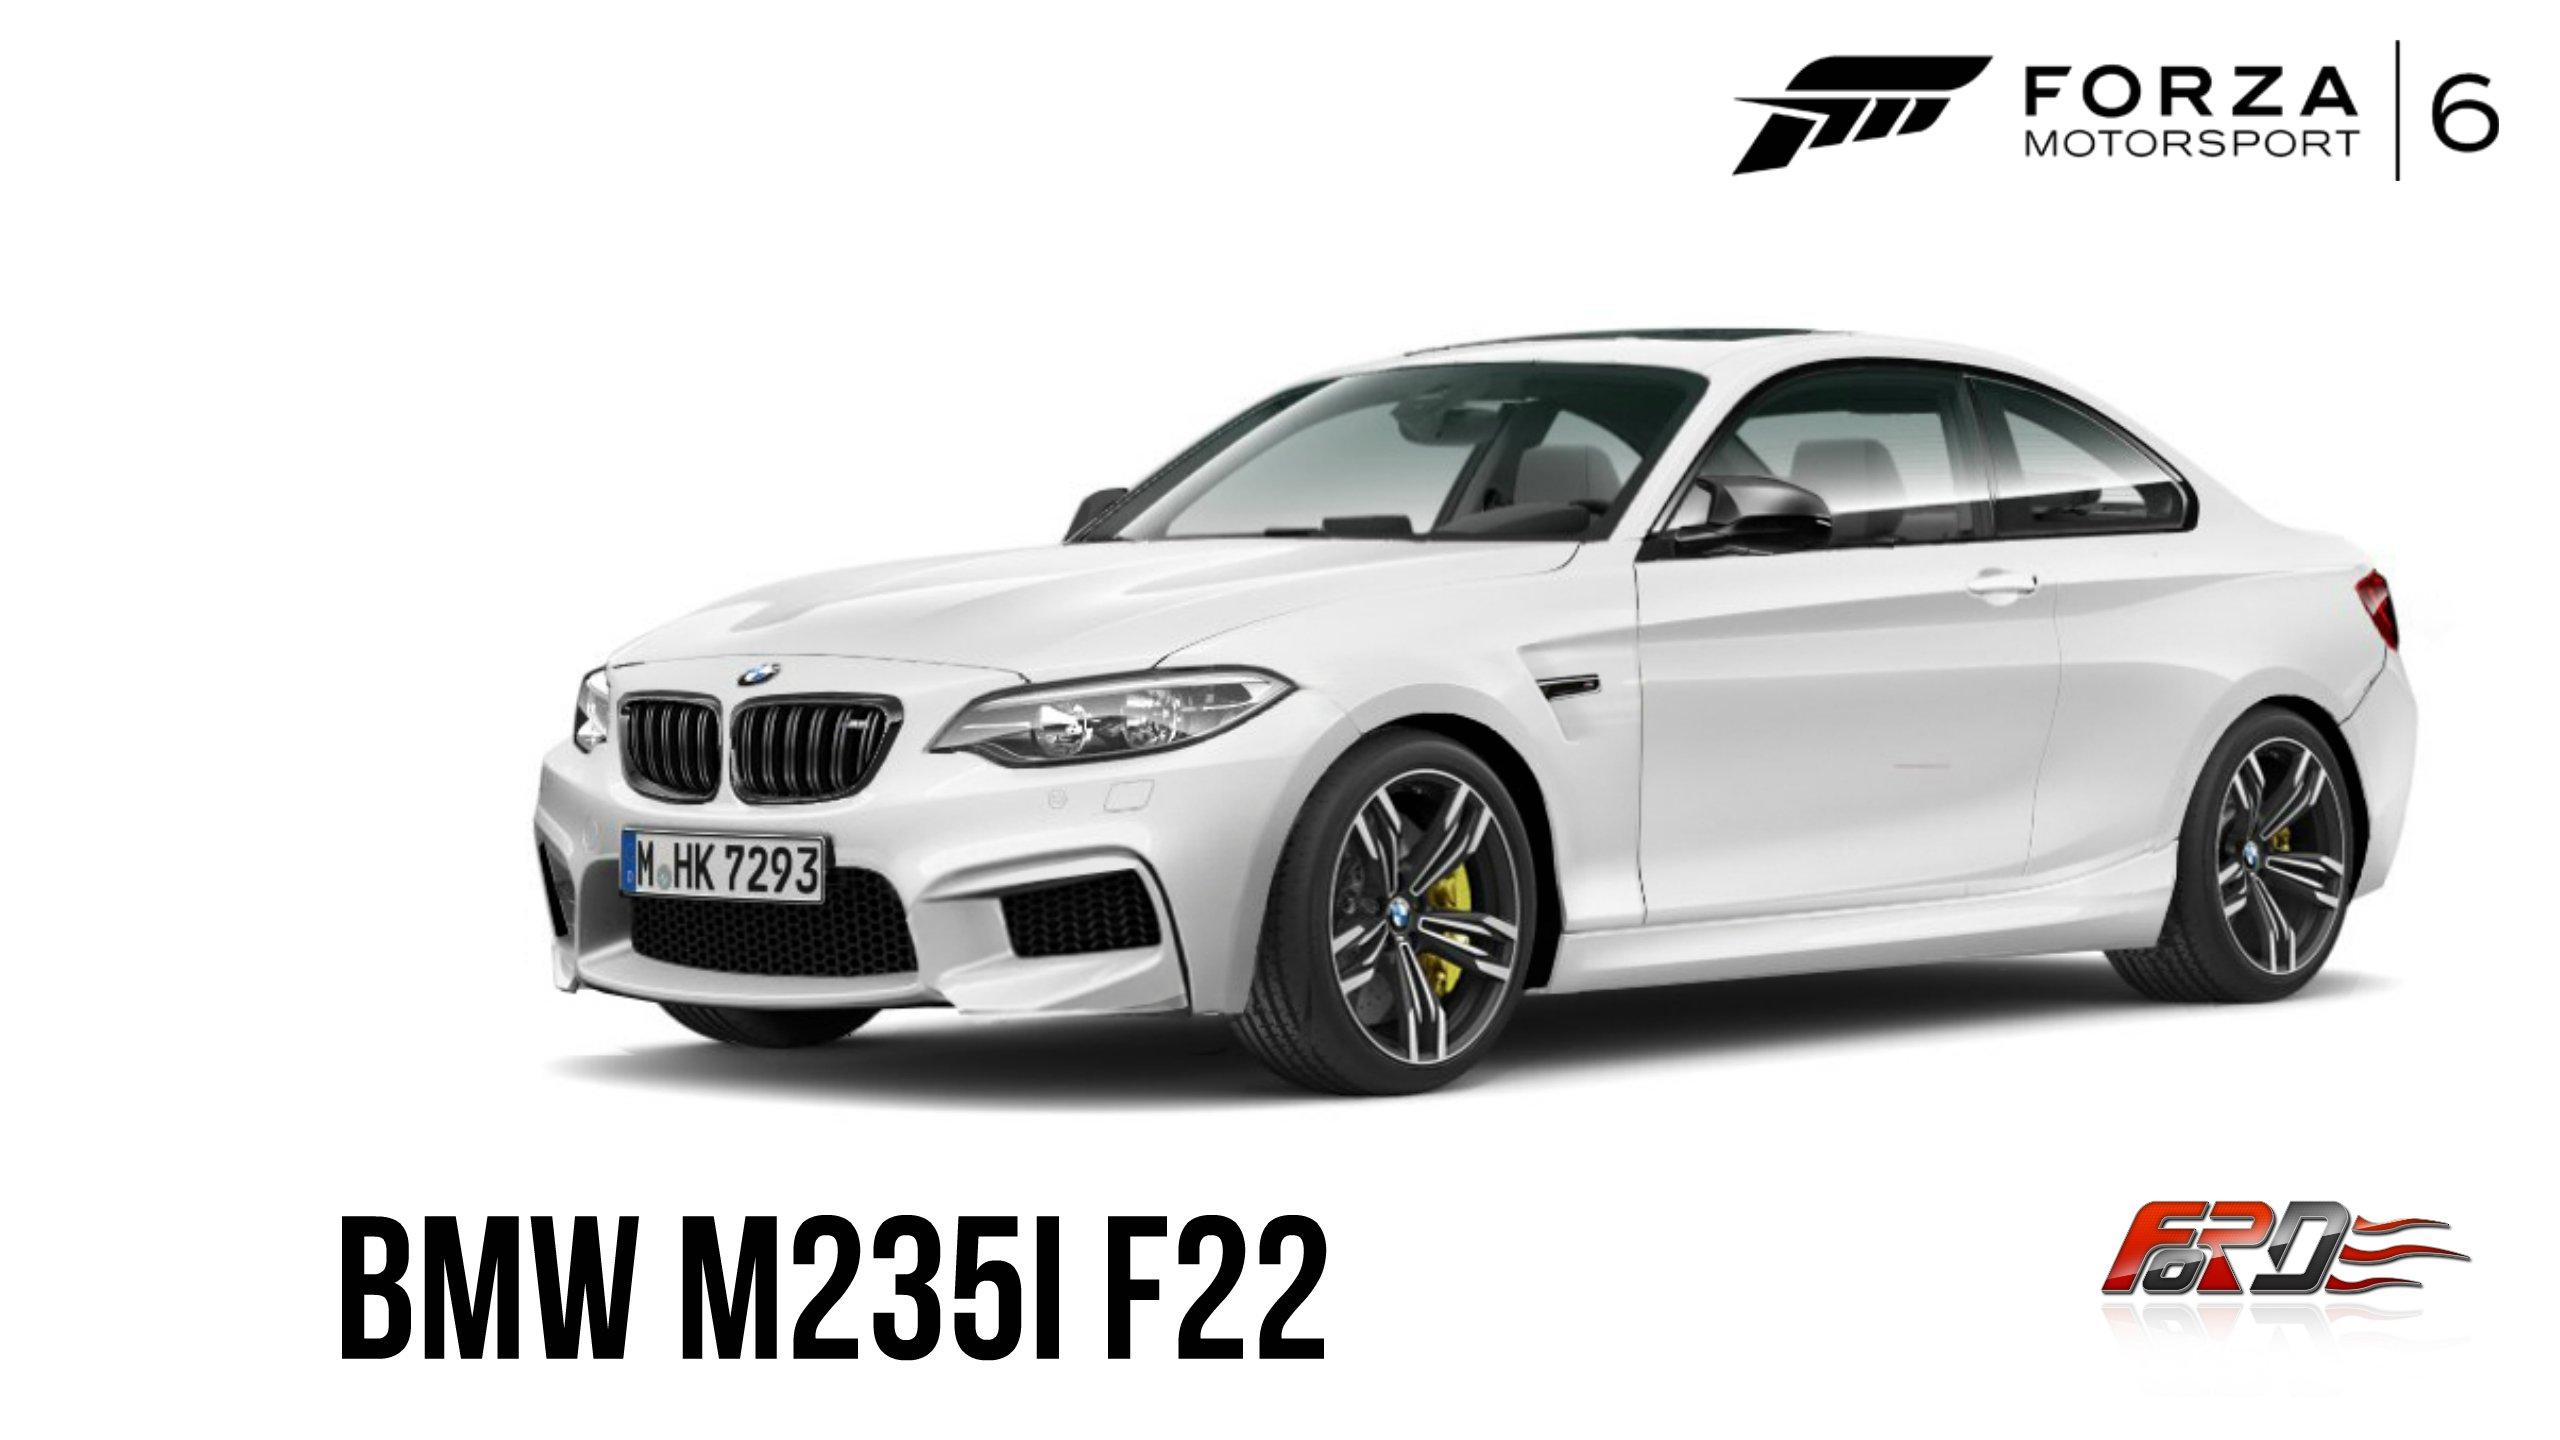 Forza Motorsport 6: Apex [ BMW M235i F22 ] - обзор, тест-драйв, дрифт на маленьком спорткаре. - Изображение 1